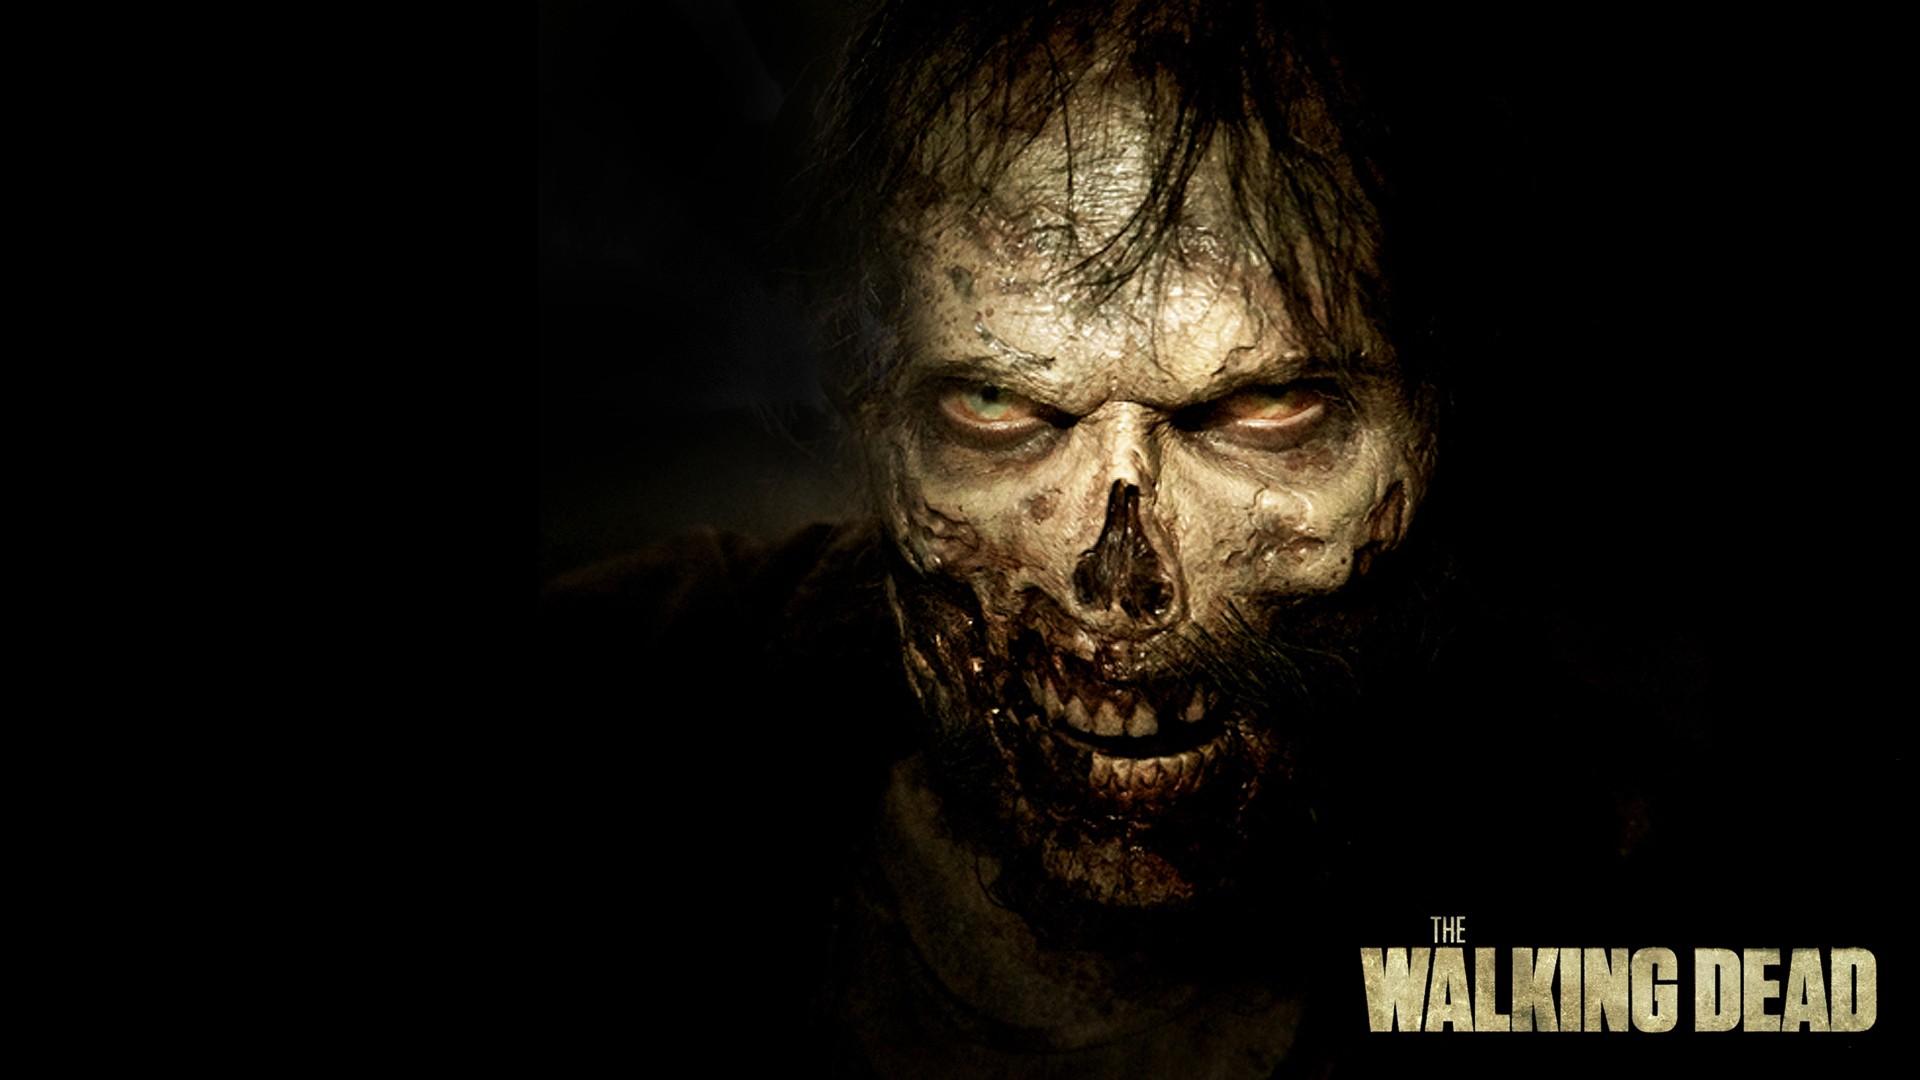 Wallpaper Walking Dead Hd Gratuit 224 T 233 L 233 Charger Sur Ngn Mag